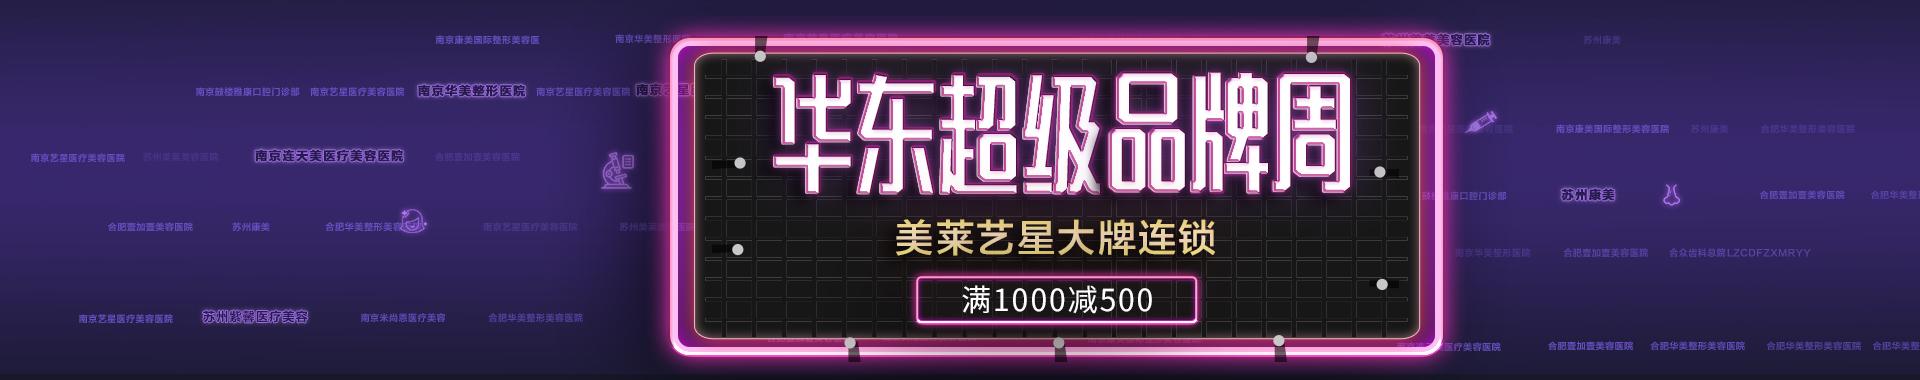 7月超级品牌周—华东2专场